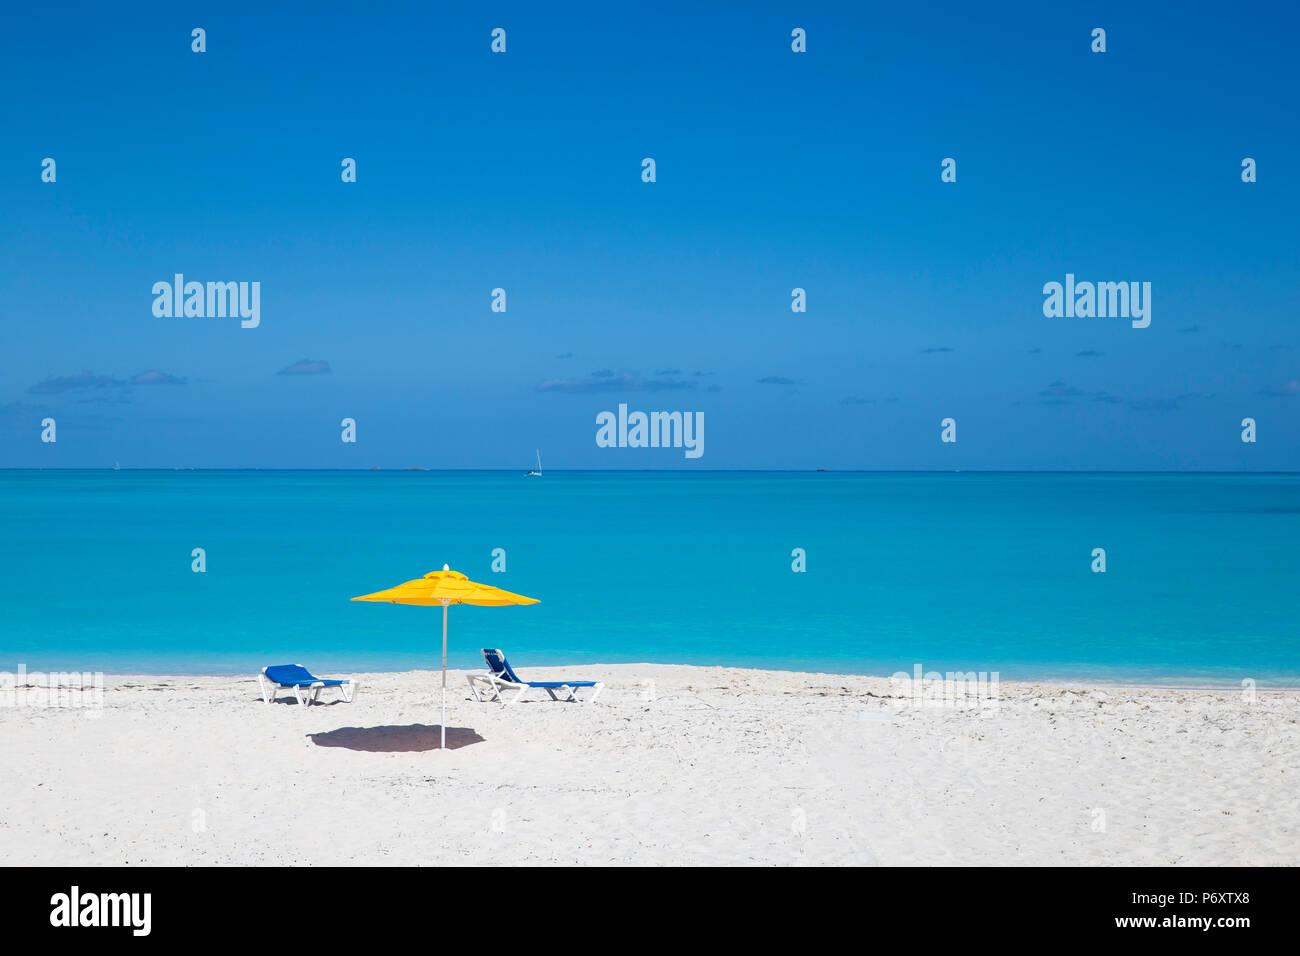 Bahamas, Abaco Islands, Great Abaco, Beach at Treasure Cay - Stock Image